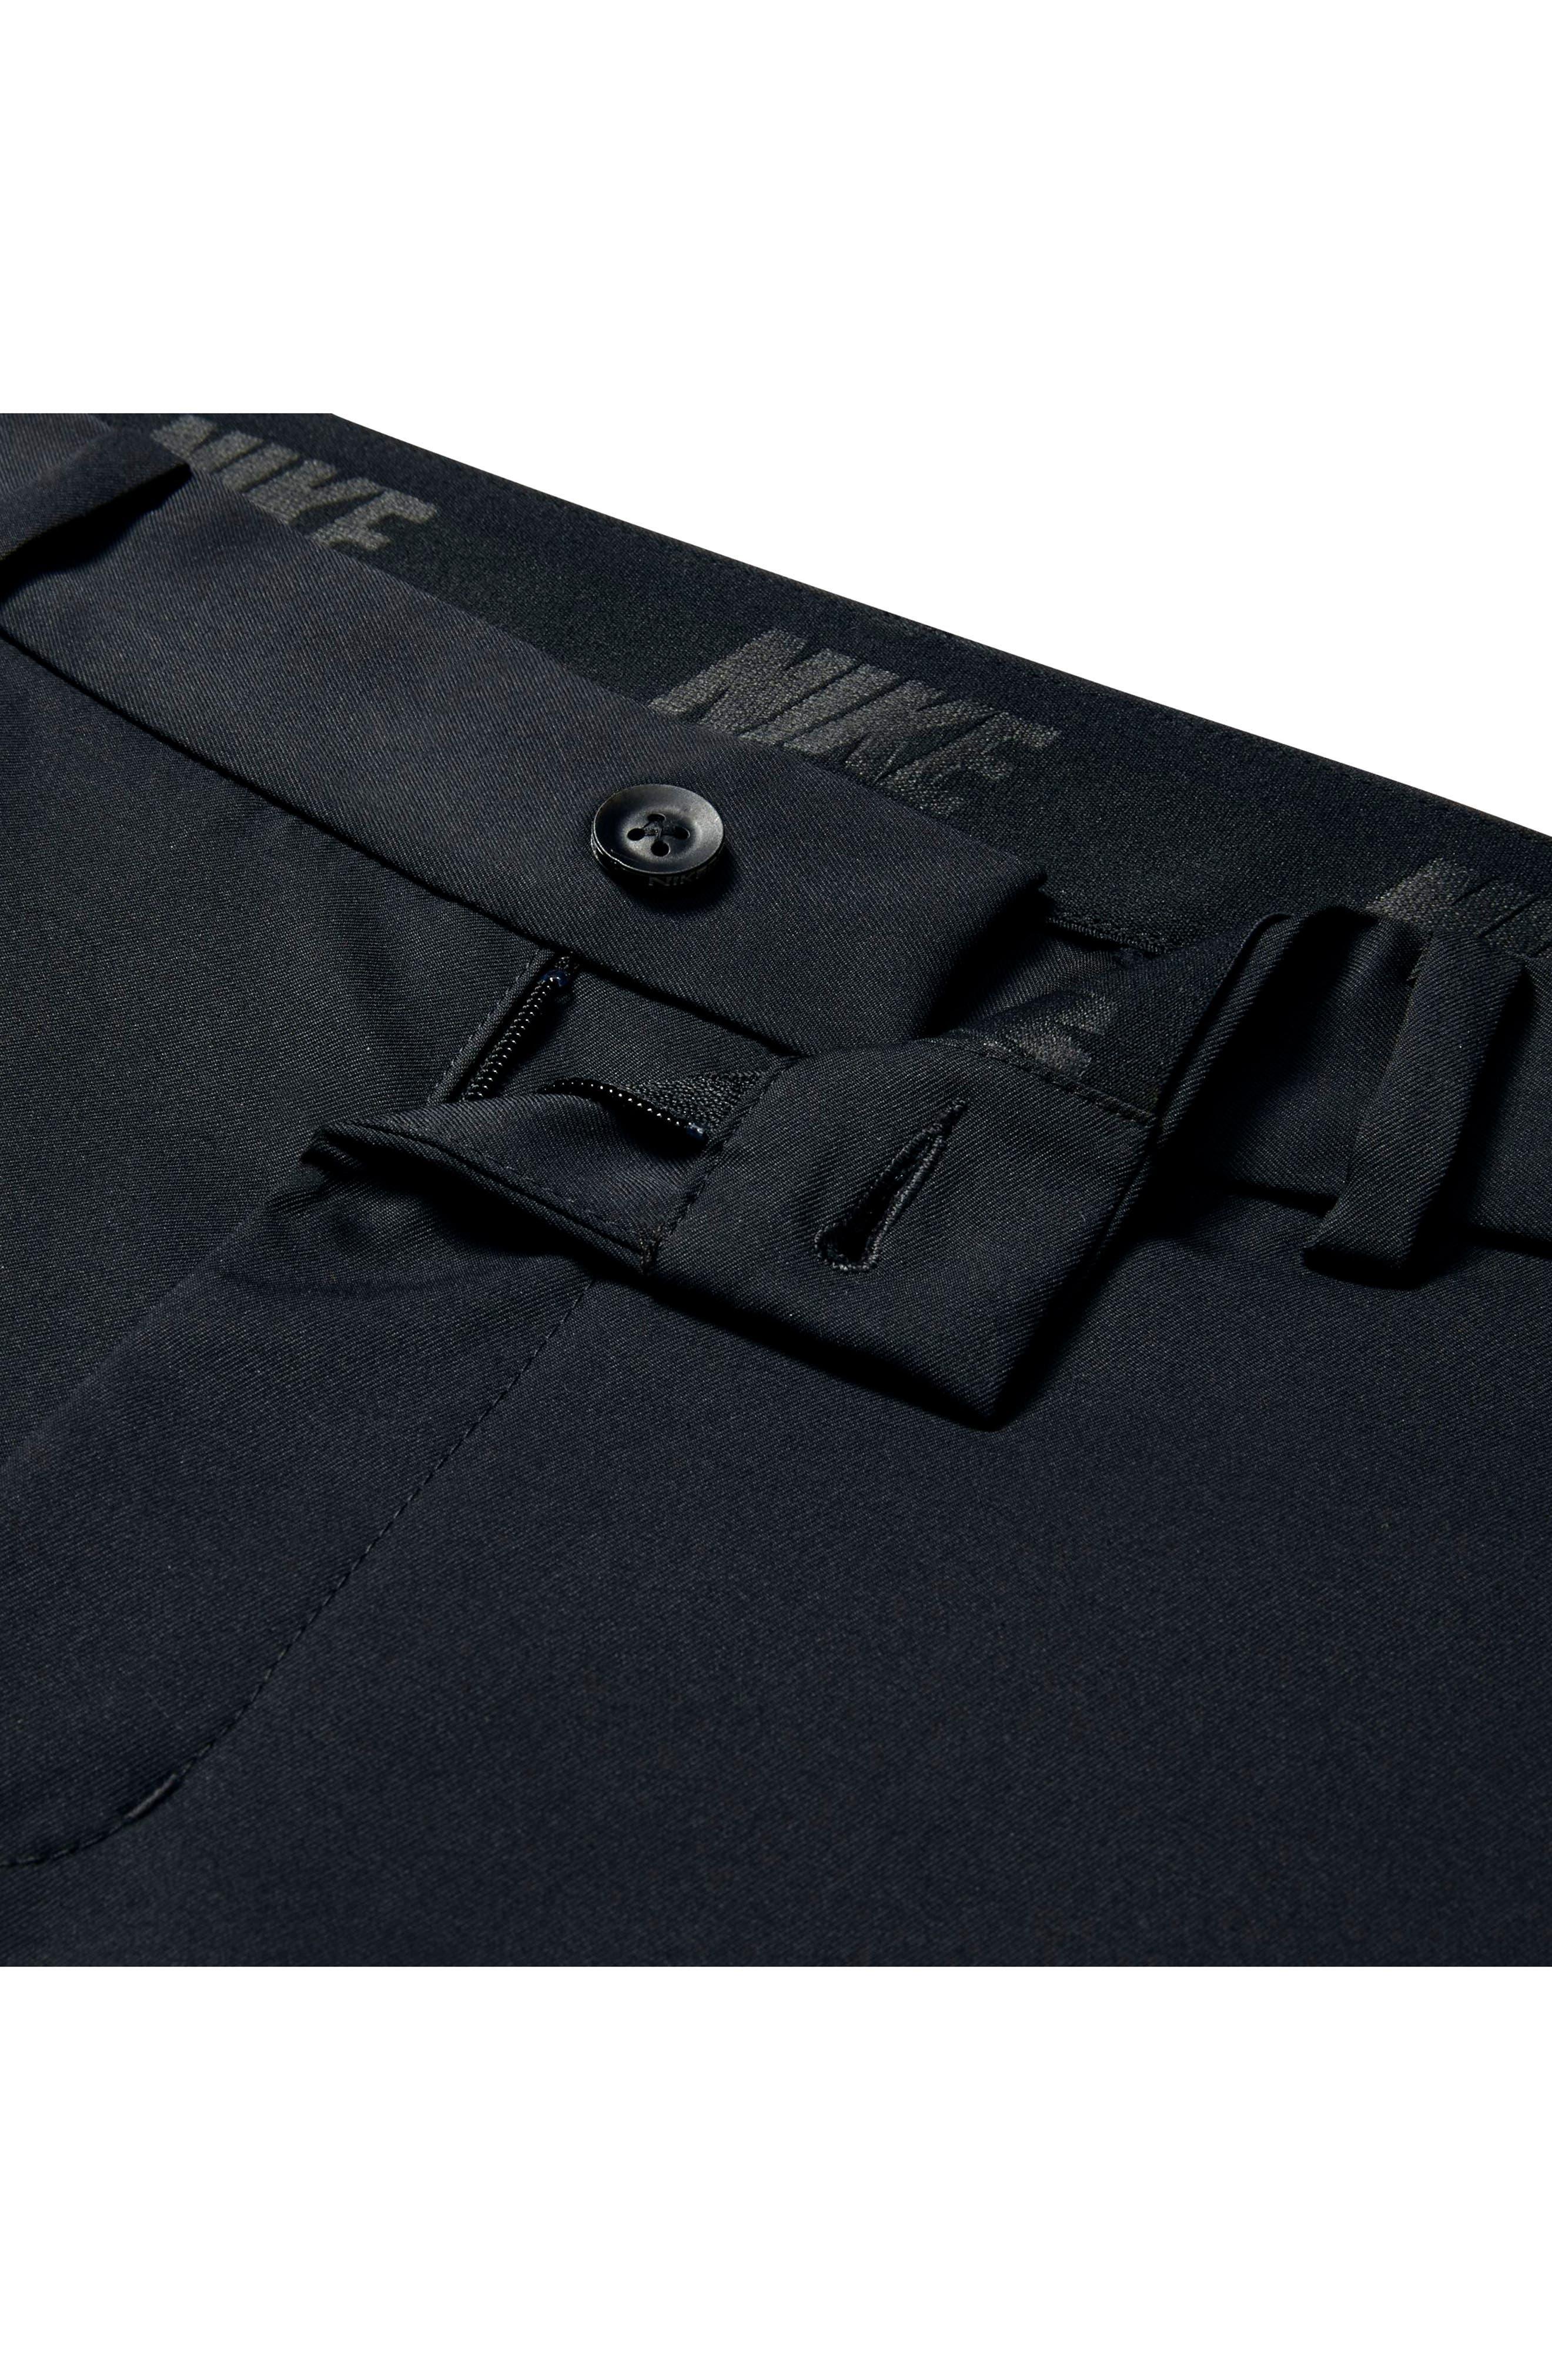 Flat Front Dri-FIT Tech Golf Pants,                             Alternate thumbnail 58, color,